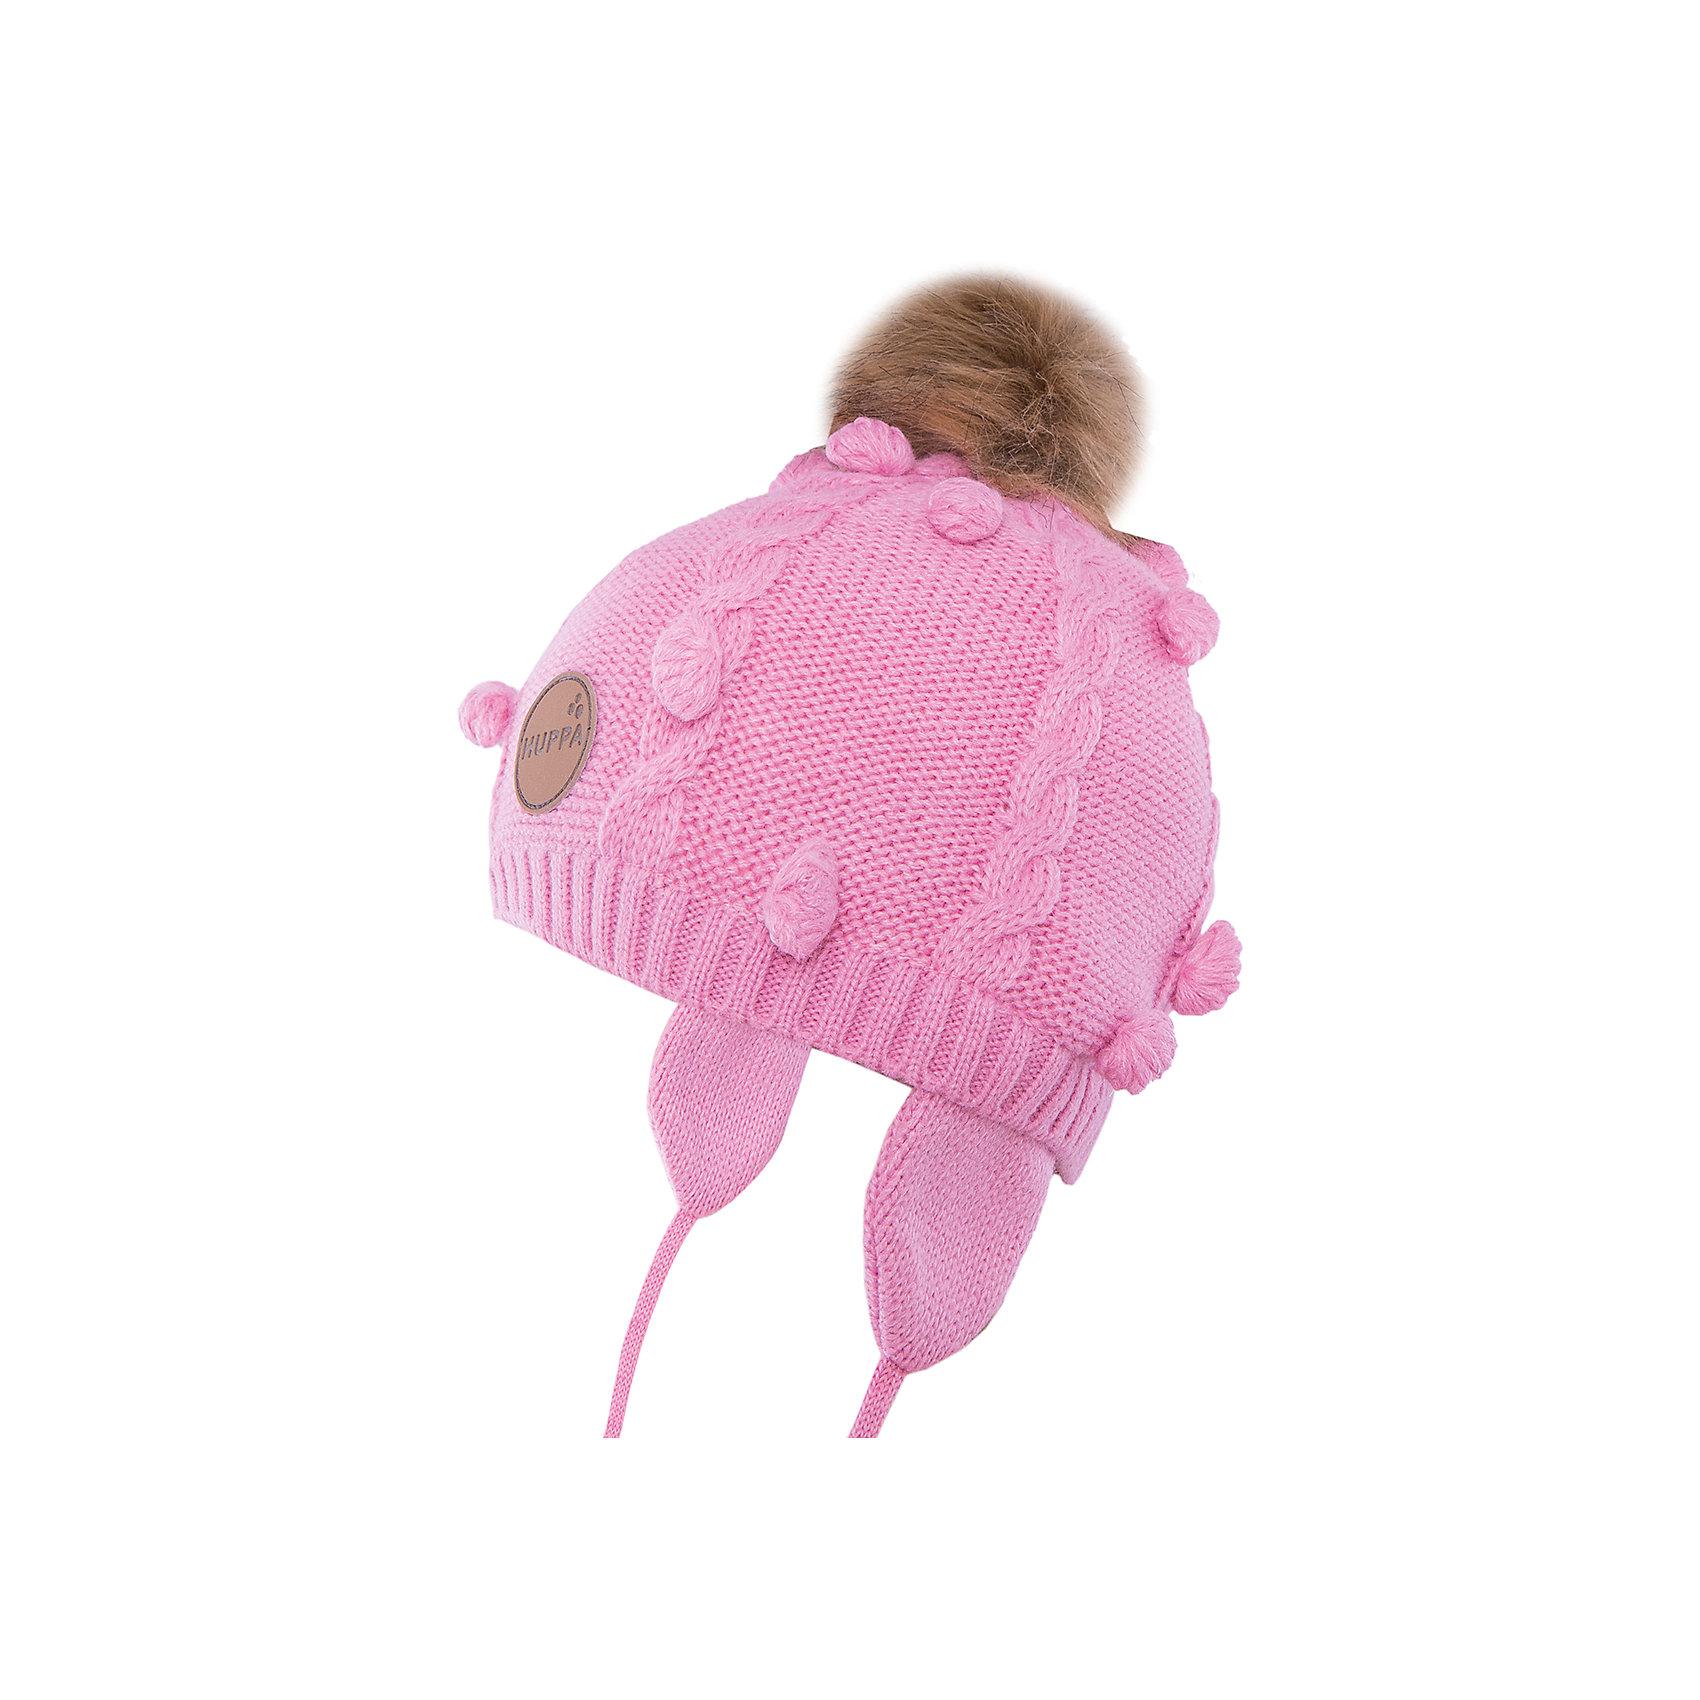 Шапка  HuppaГоловные уборы<br>Модная вязаная шапка MACY Huppa(Хуппа) изготовлена из акрила. Она отлично защищает голову и уши ребенка от холода, благодаря удобной форме, завязкам и клапанам. Шапка украшена меховым помпоном, который обязательно понравится маленькой моднице.<br><br>Дополнительная информация: <br>Материал: 100% акрил<br>Подкладка: 100% хлопок<br>Цвет: розовый<br><br>Шапку MACY Huppa(Хуппа) можно приобрести в нашем интернет-магазине.<br><br>Ширина мм: 89<br>Глубина мм: 117<br>Высота мм: 44<br>Вес г: 155<br>Цвет: розовый<br>Возраст от месяцев: 12<br>Возраст до месяцев: 24<br>Пол: Женский<br>Возраст: Детский<br>Размер: 47-49,55-57,51-53<br>SKU: 4923822